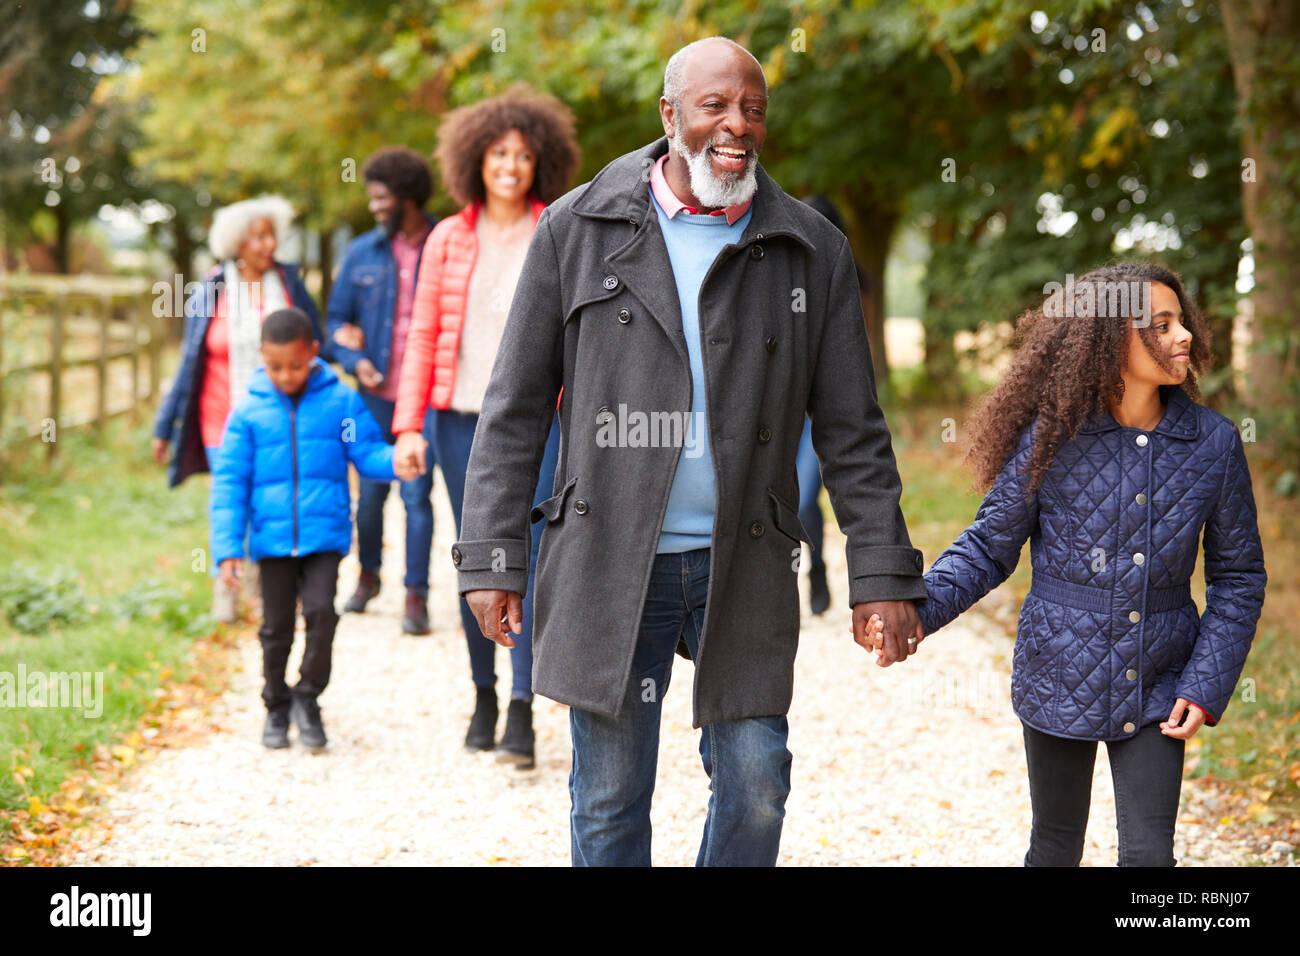 Familia de generación múltiple en otoño de caminar juntos en el campo Foto de stock